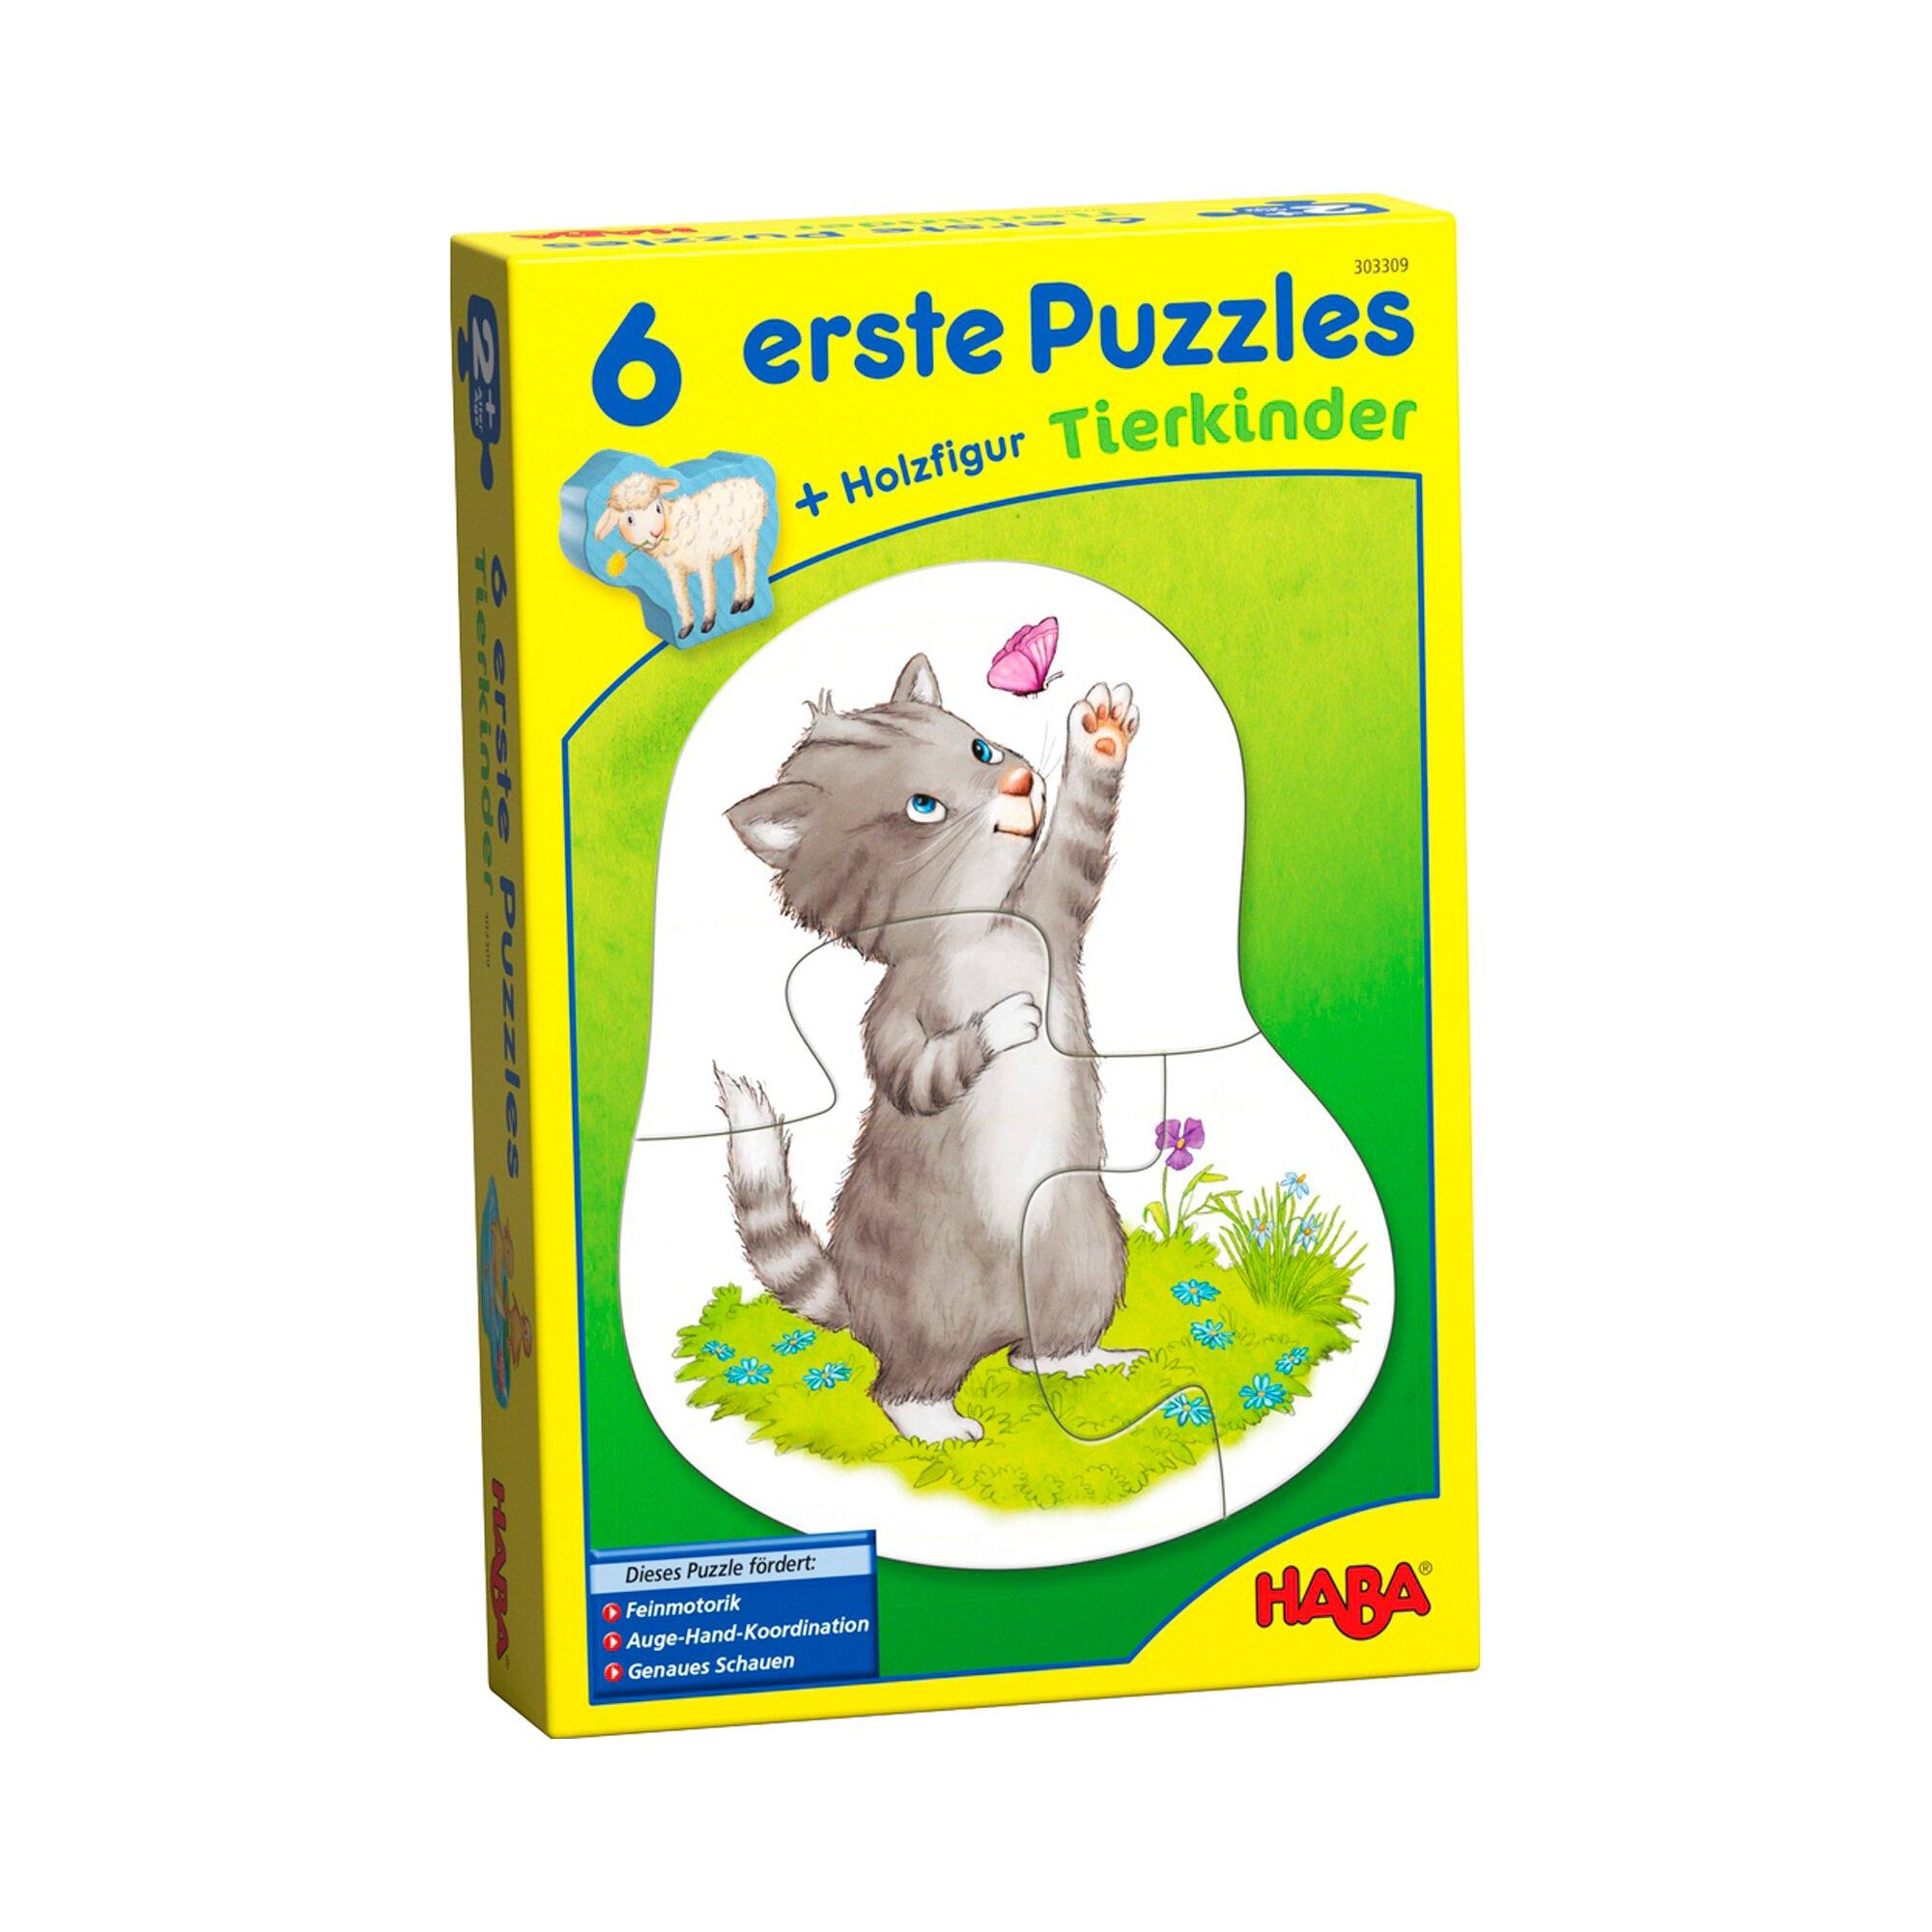 Haba 6 erste Puzzles - Tierkinder